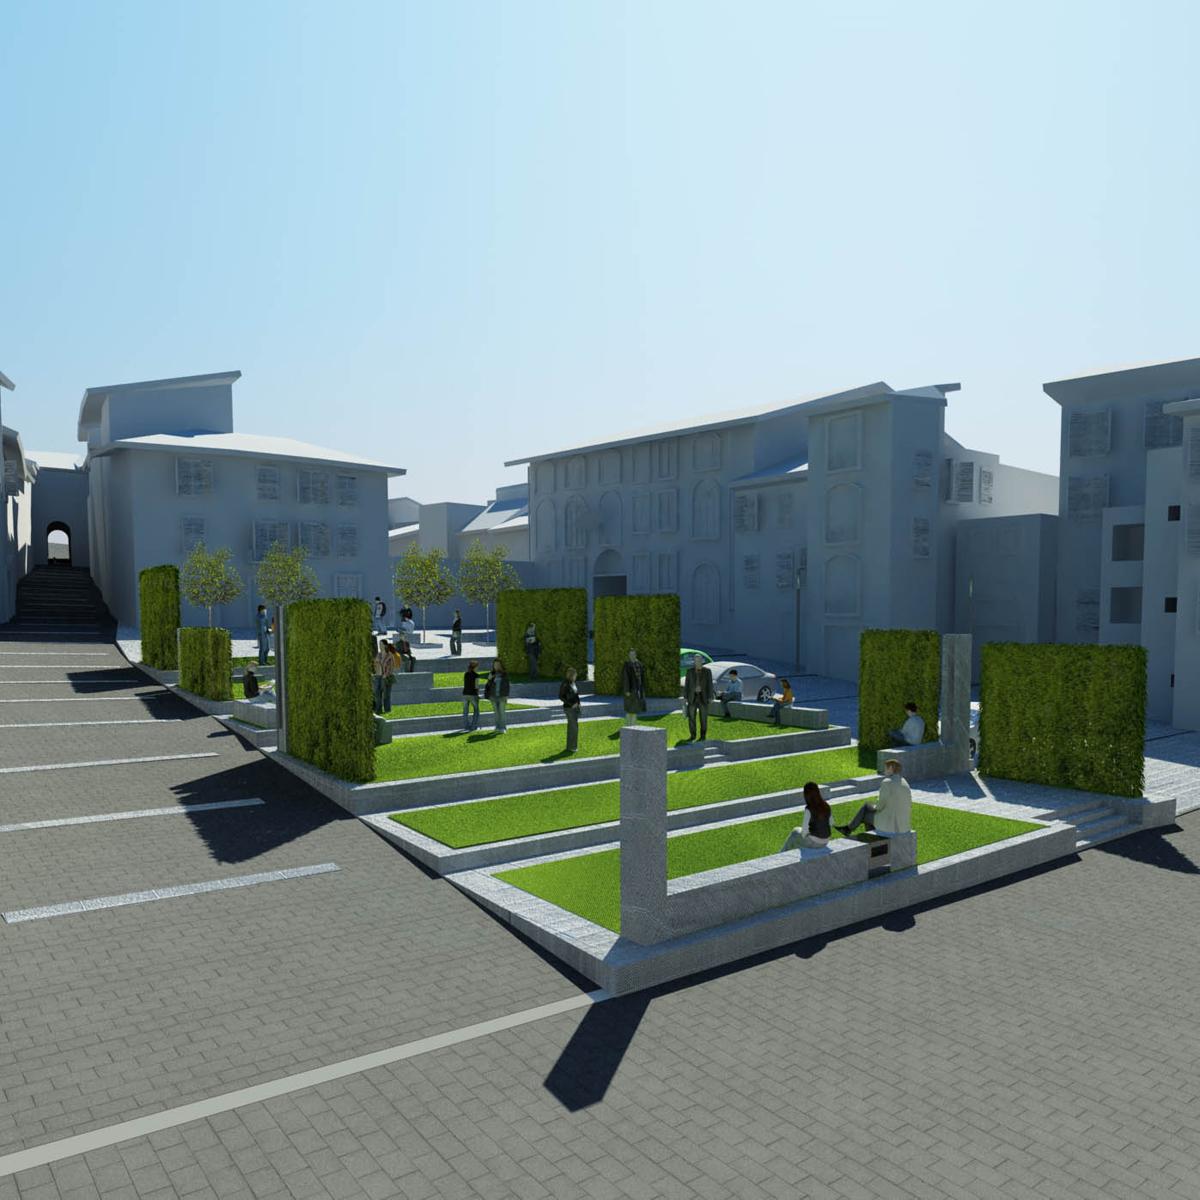 Piazza Amendola - Vista della nuova gradonata verde e del sistema di sedute integrato - Tommaso Vecci